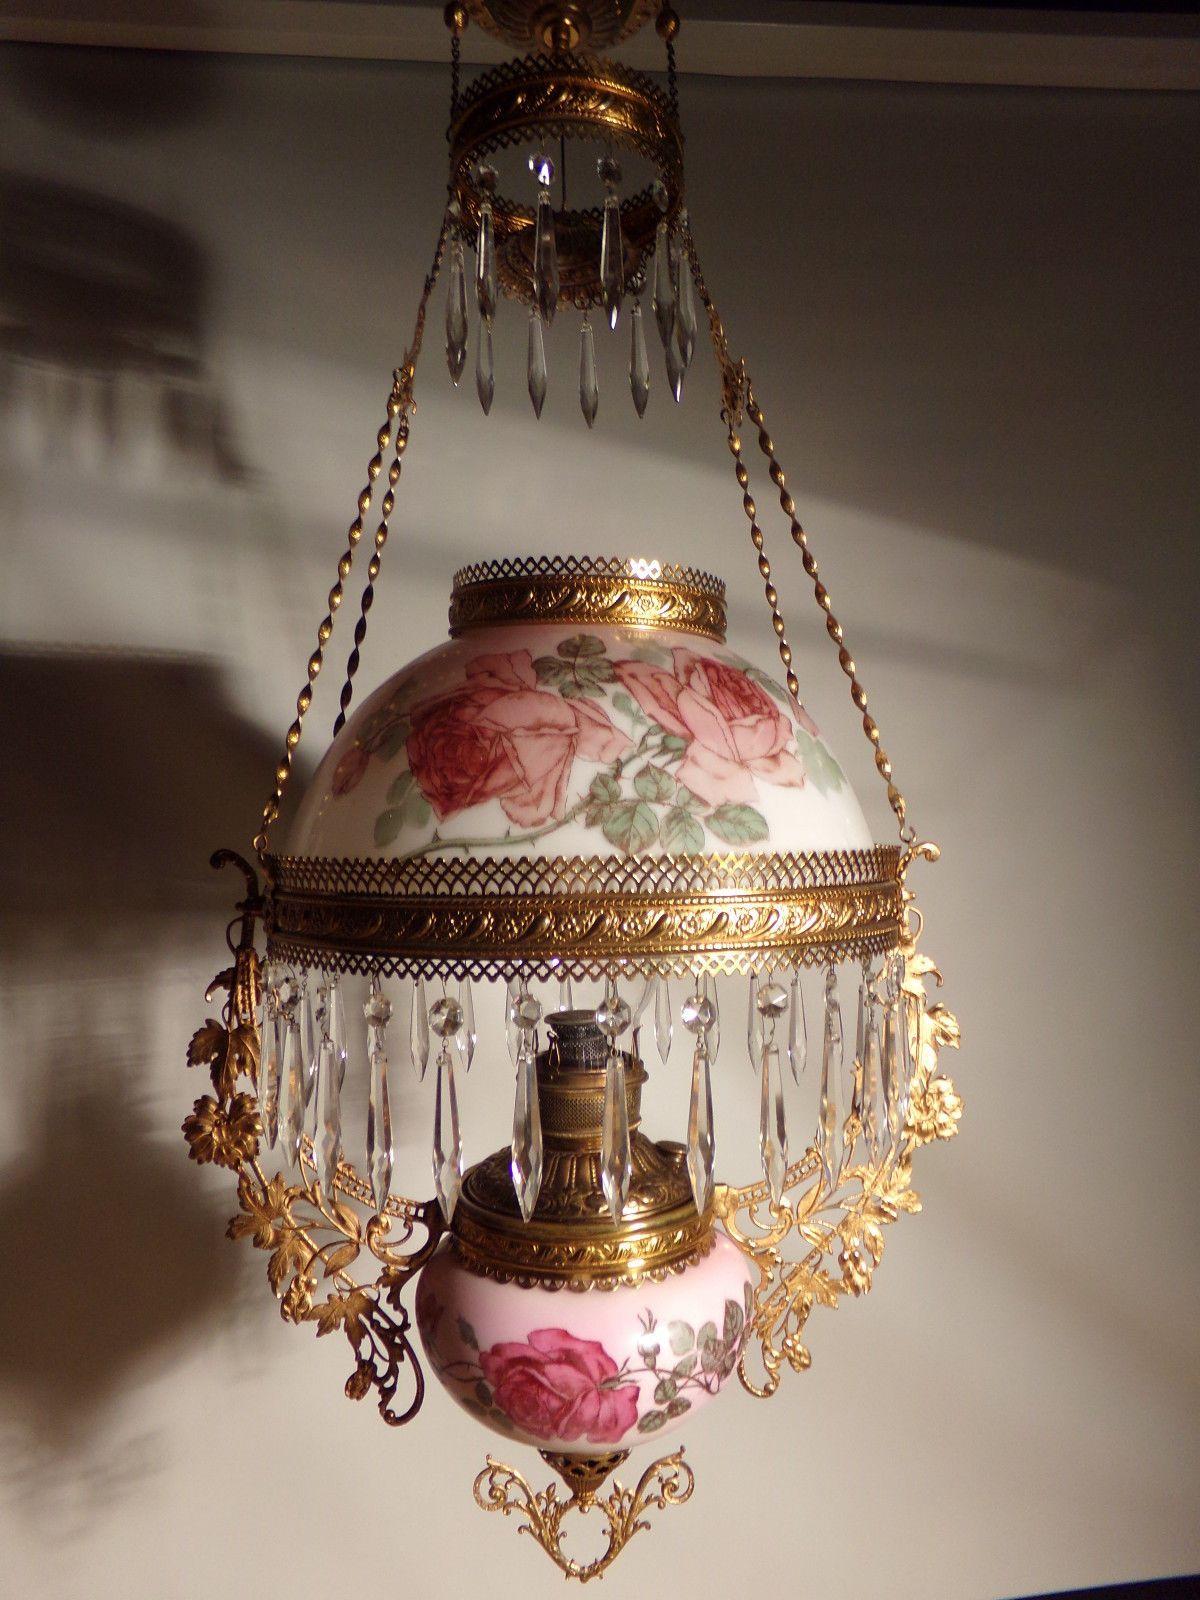 All Original Antique Miller Hanging Oil Lamp Victorian LampsVictorian